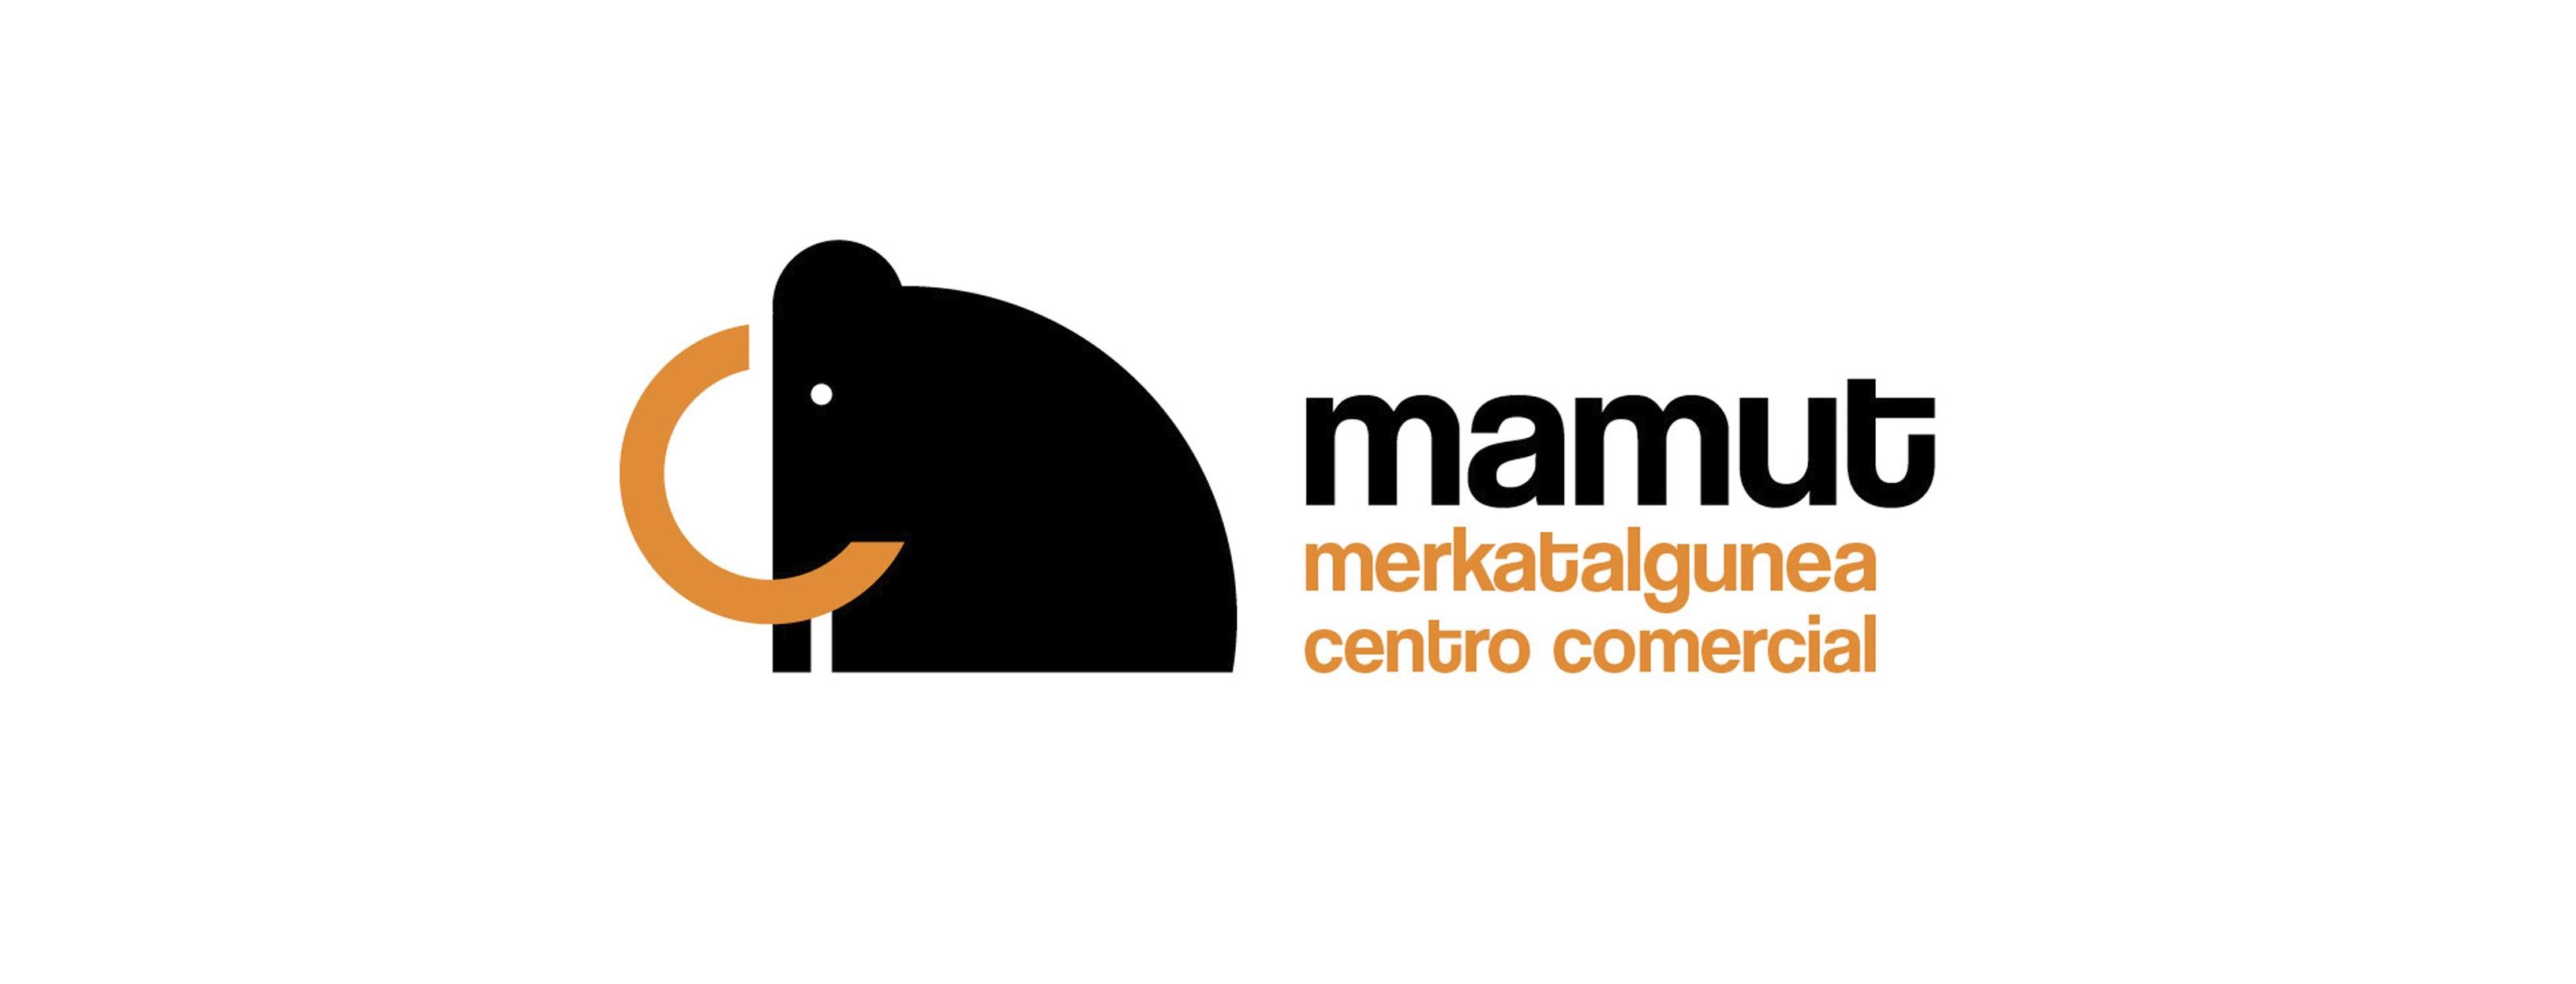 logo-mamut-apaisado-web